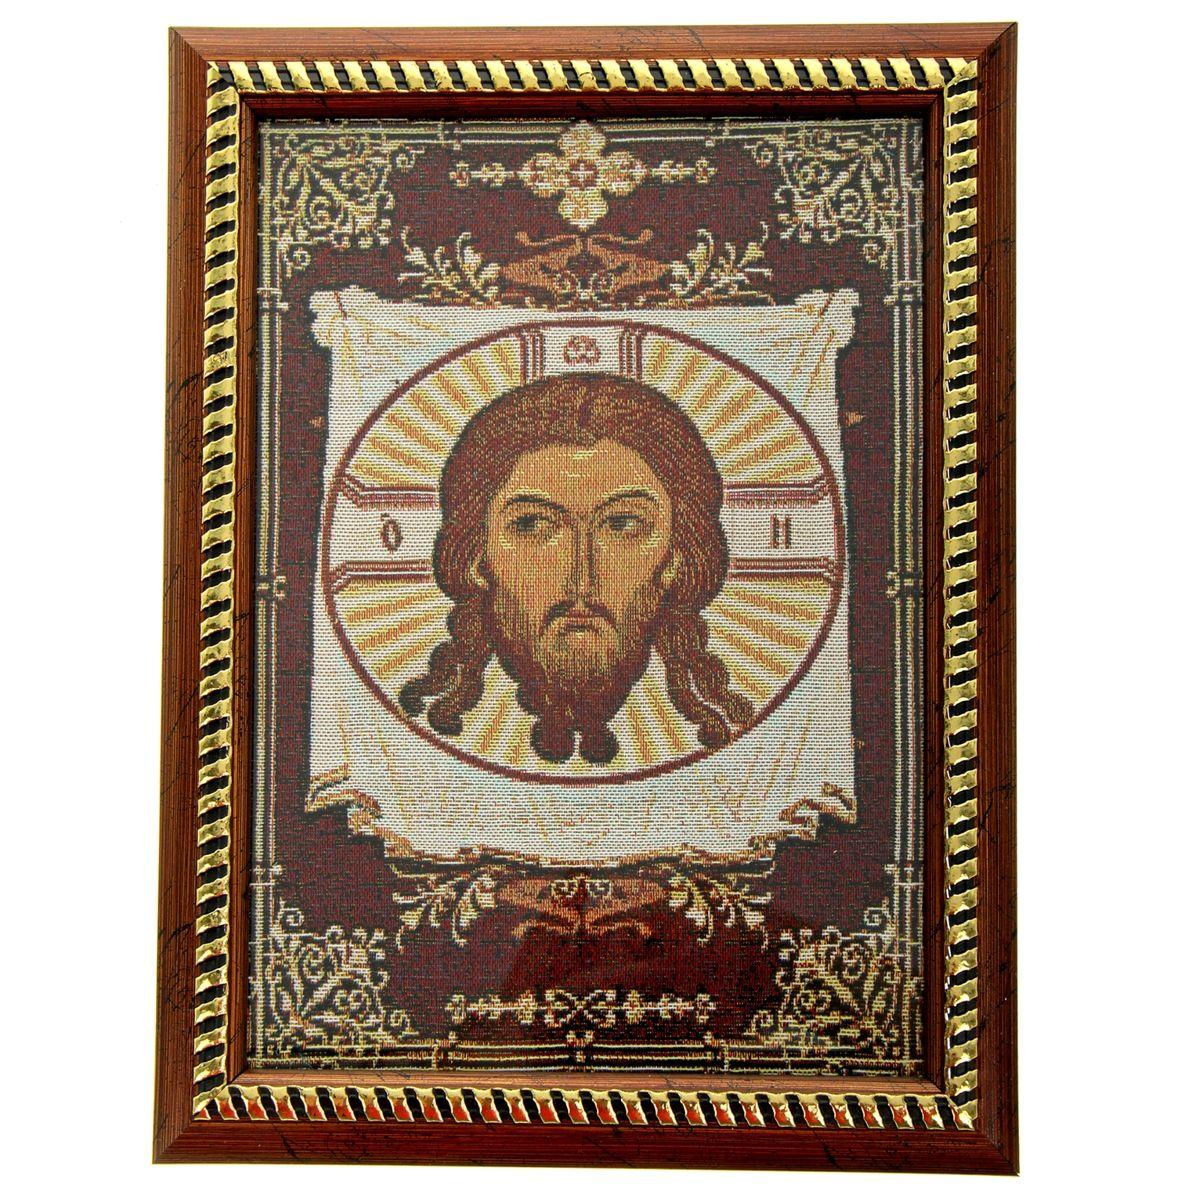 Икона в рамке Спас Нерукотворный, 21 х 27,5 смFS-80264Икона Спас Нерукотворный представляет собой святое изображение, вытканное на ткани и вставленное в деревянную рамку со стеклом. На обратной стороне иконы есть подставка, поэтому удобно располагать такую икону на столе. Икона полностью соответствует канонам Русской Православной Церкви. Икона выглядит по-настоящему богатой. Такая икона будет прекрасным подарком с духовной составляющей.